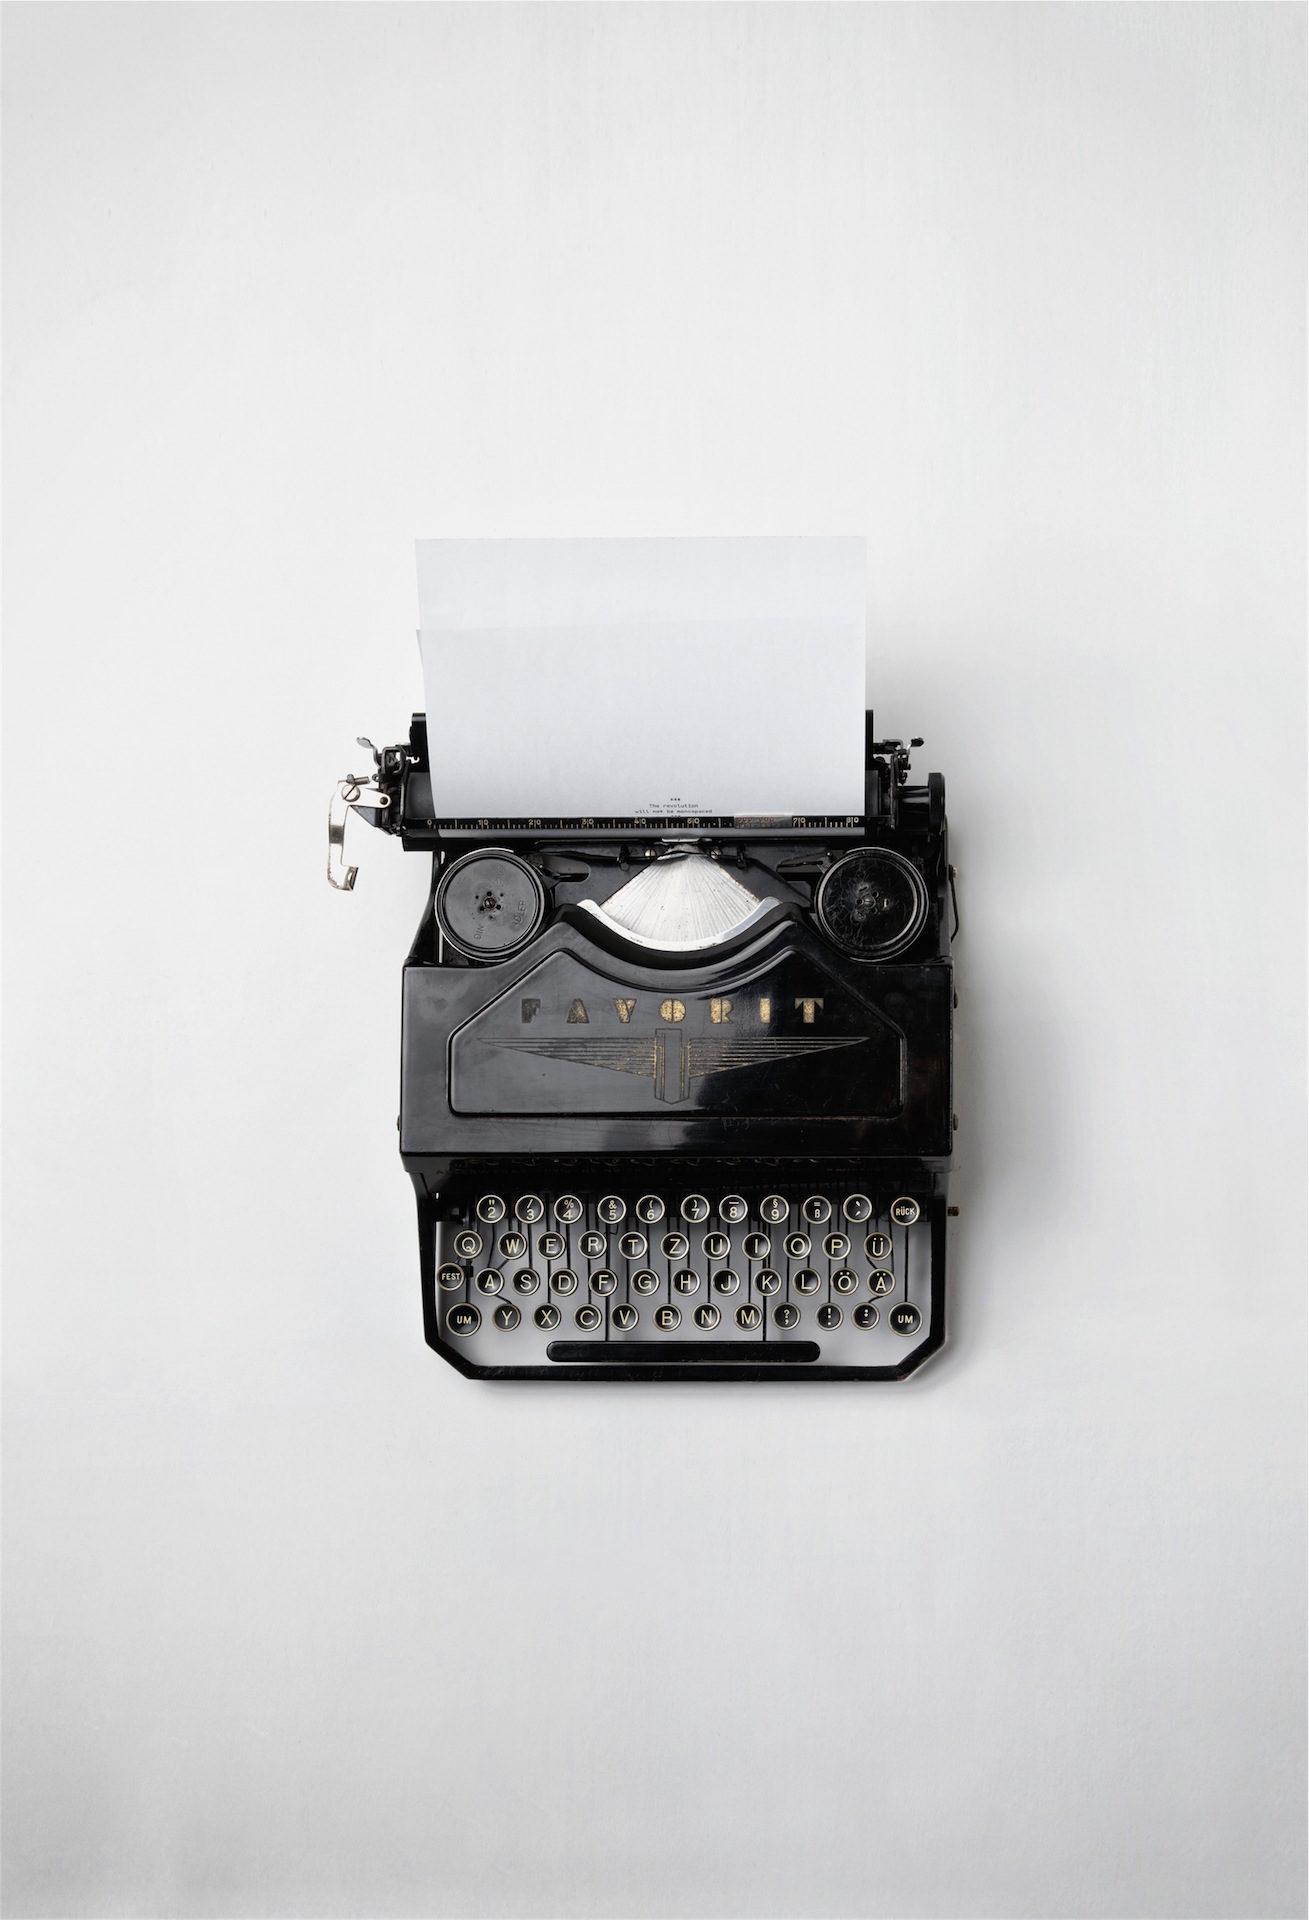 آلة, يكتب, الحد الأدنى, القديمة, خمر - خلفيات عالية الدقة - أستاذ falken.com